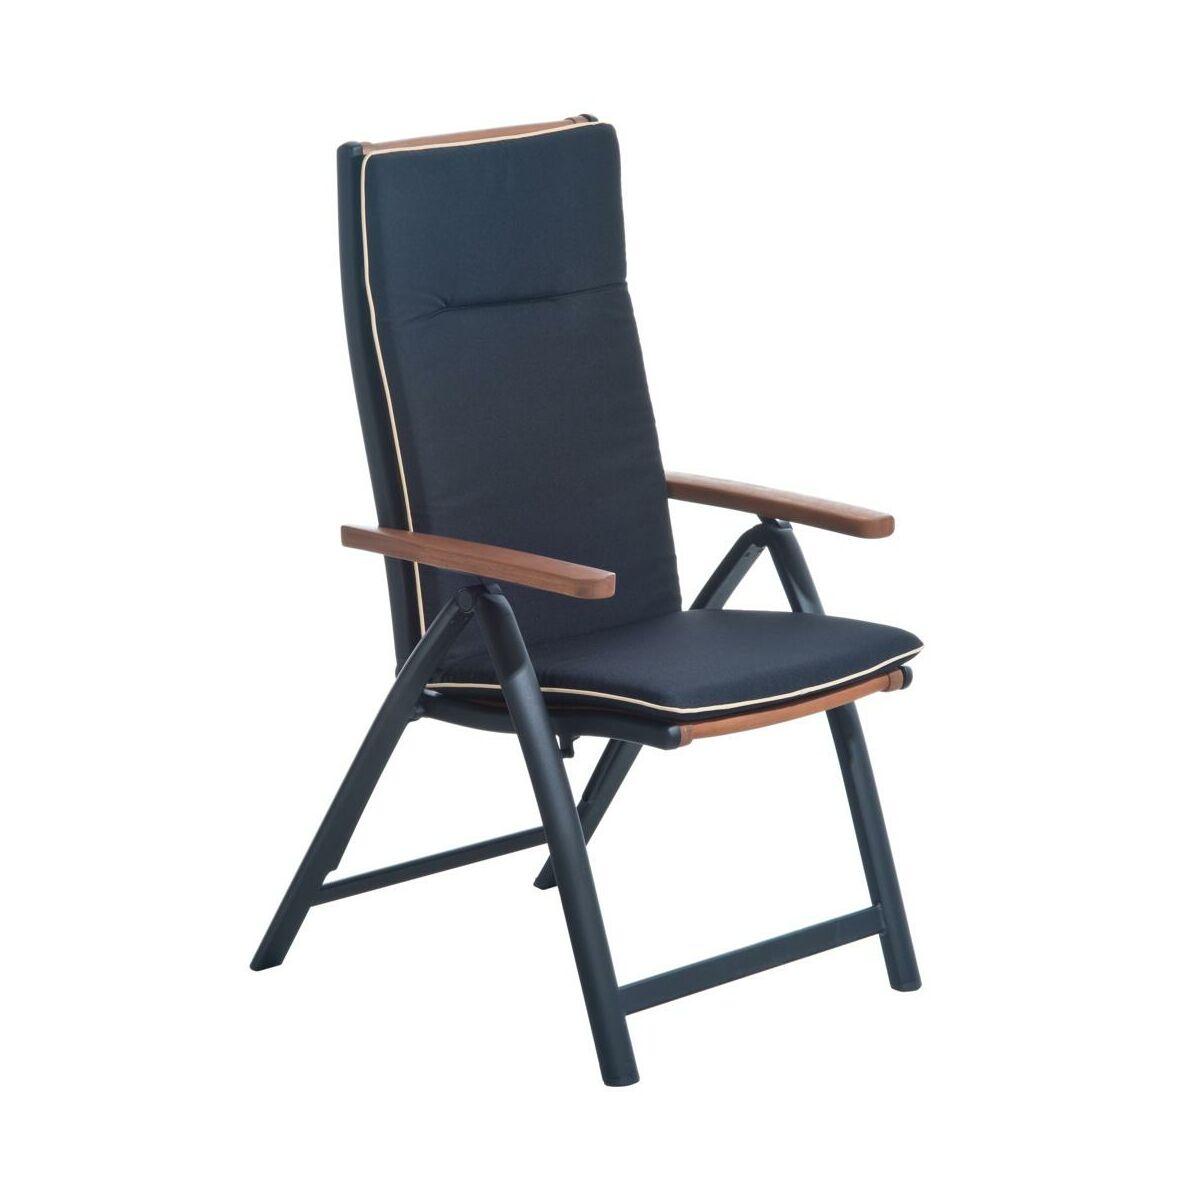 Leroy Merlin Szczecin Meble Ogrodowe : Leroy Merlin Ogród Relaks w ogrodzie Meble ogrodowe Krzesła i fotele